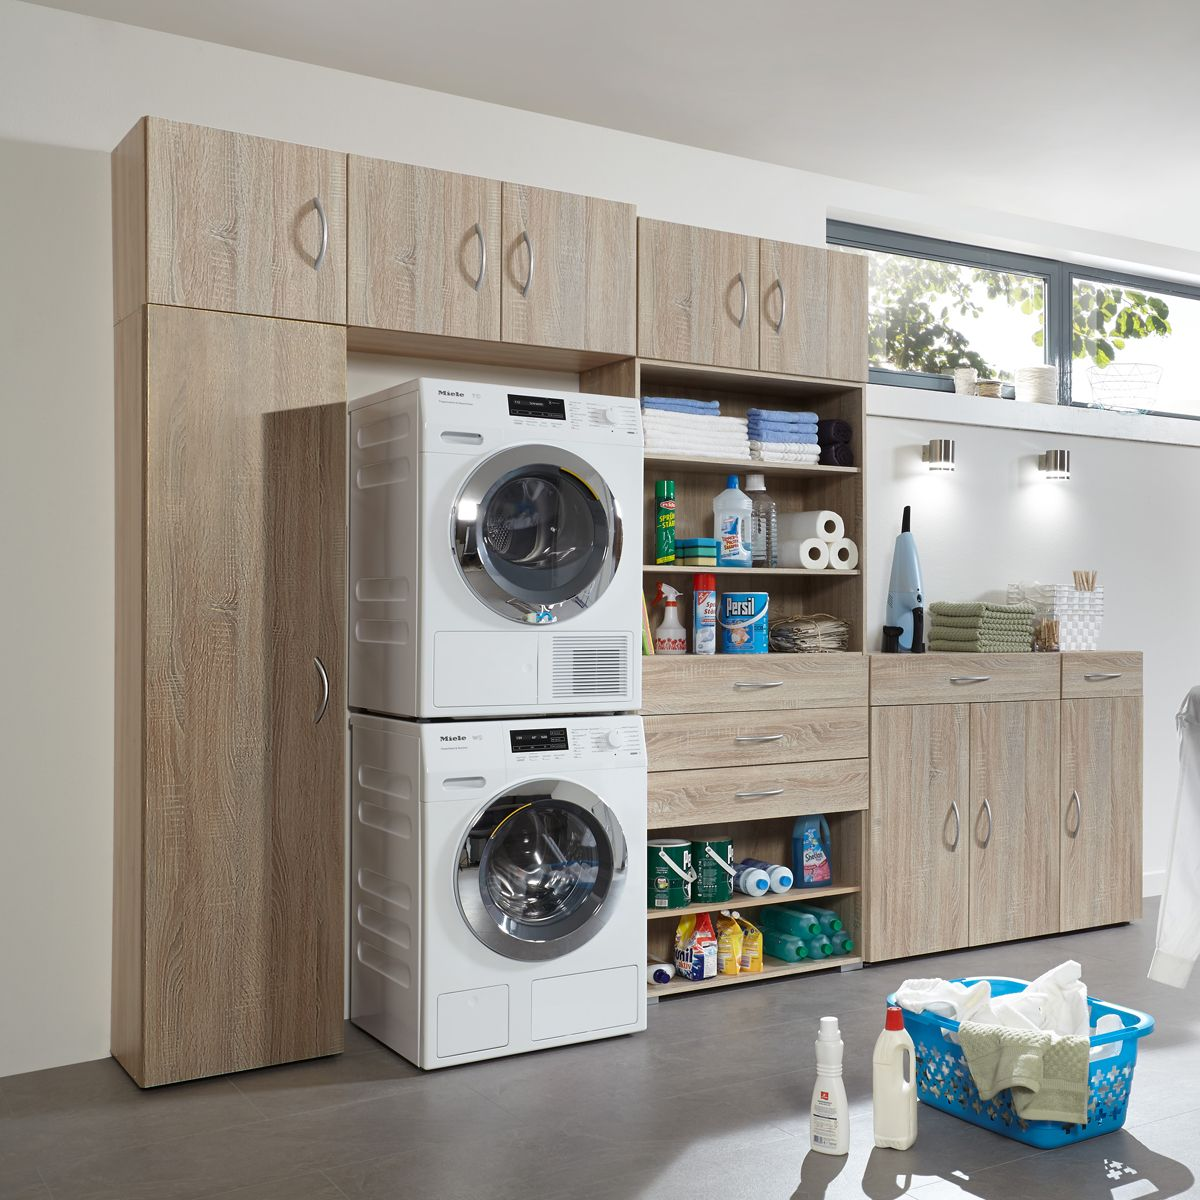 Full Size of Ikea Hauswirtschaftsraum Planen Bad Online Kleines Betten 160x200 Küche Kostenlos Kaufen Badezimmer Sofa Mit Schlaffunktion Kosten Modulküche Miniküche Bei Wohnzimmer Ikea Hauswirtschaftsraum Planen